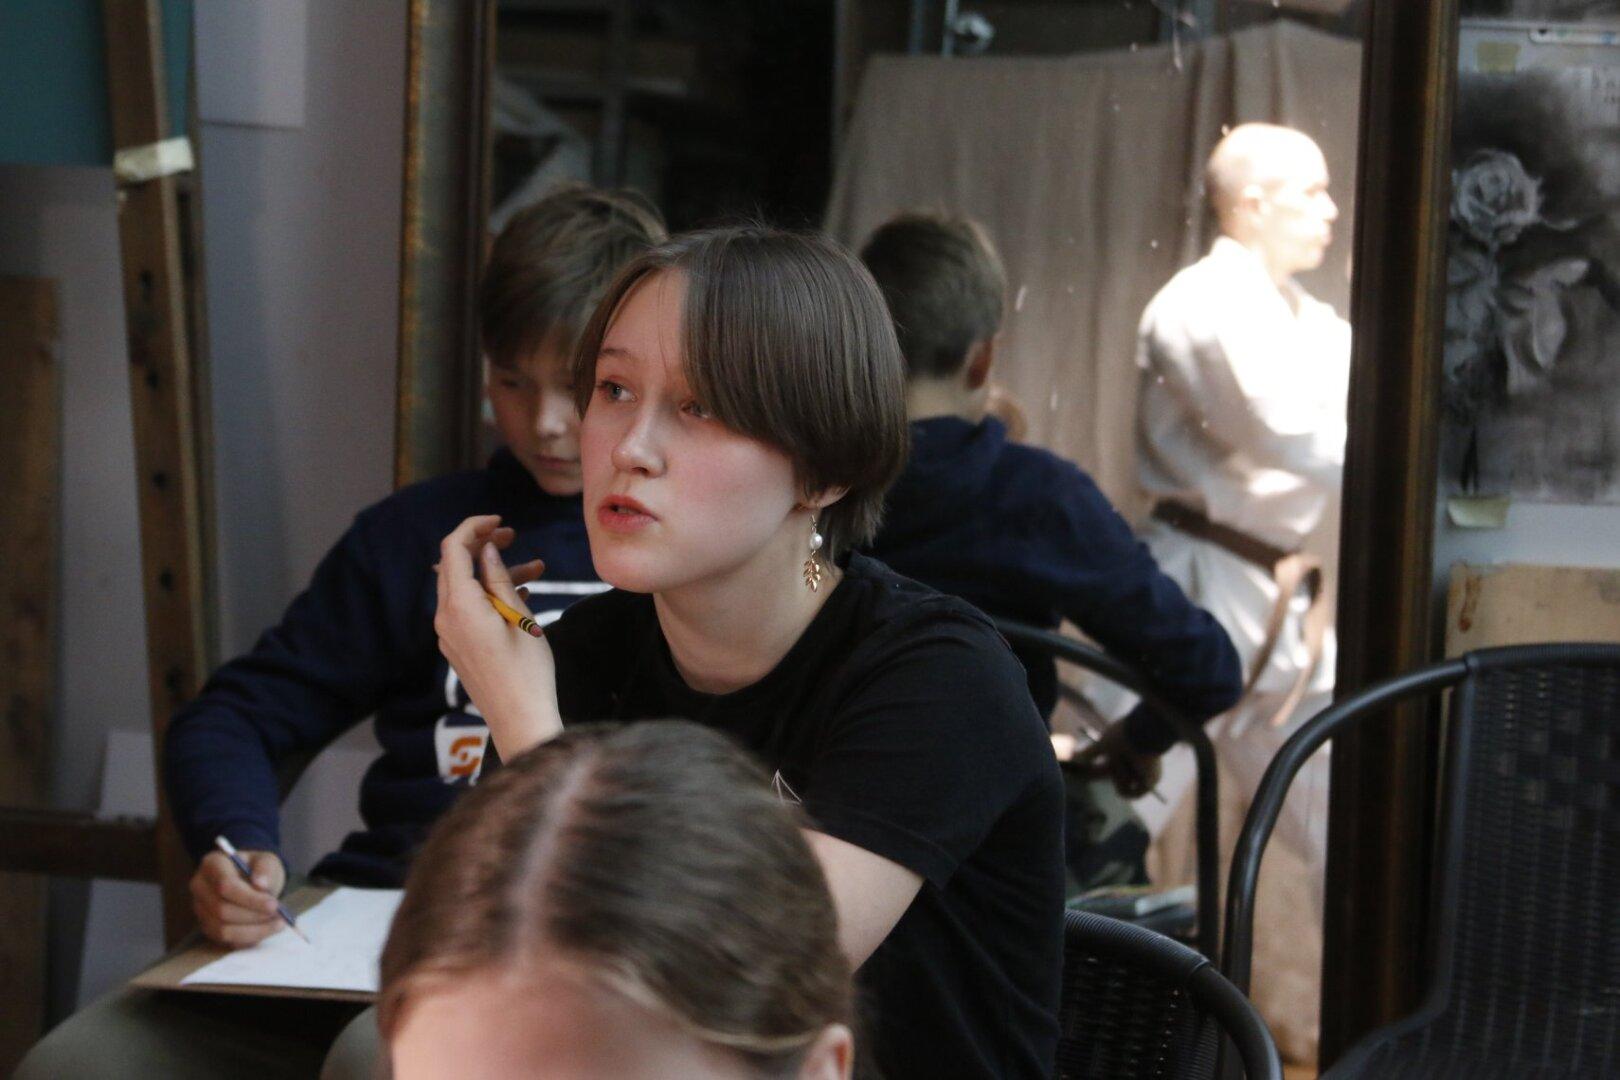 Lastekunstikooli õppepäev